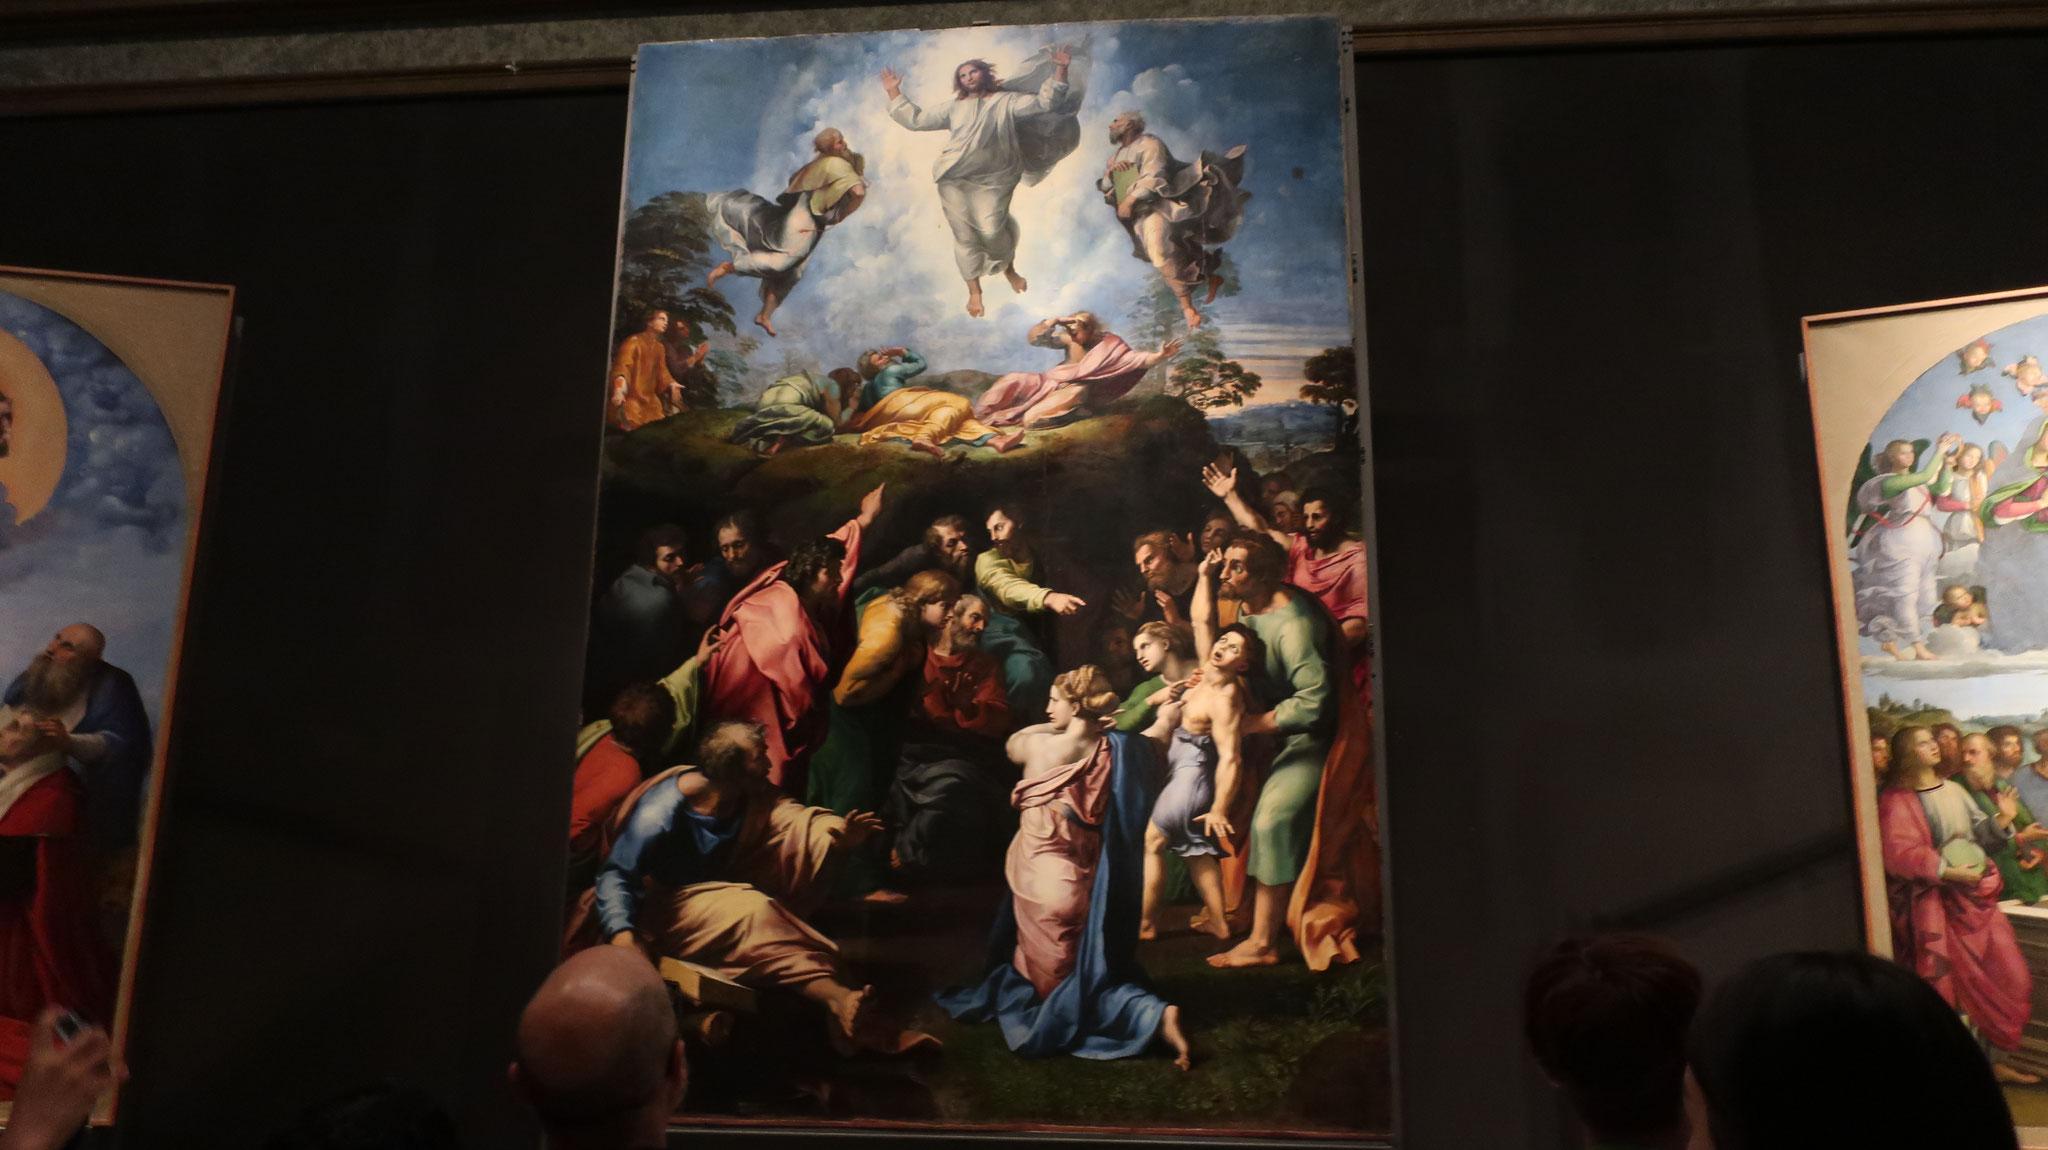 キリストの変容。ラファエロ最後の作品。高貴と栄光の光に包まれて昇天するキリストと、地上に残された人々の驚きと混迷を対比させています。